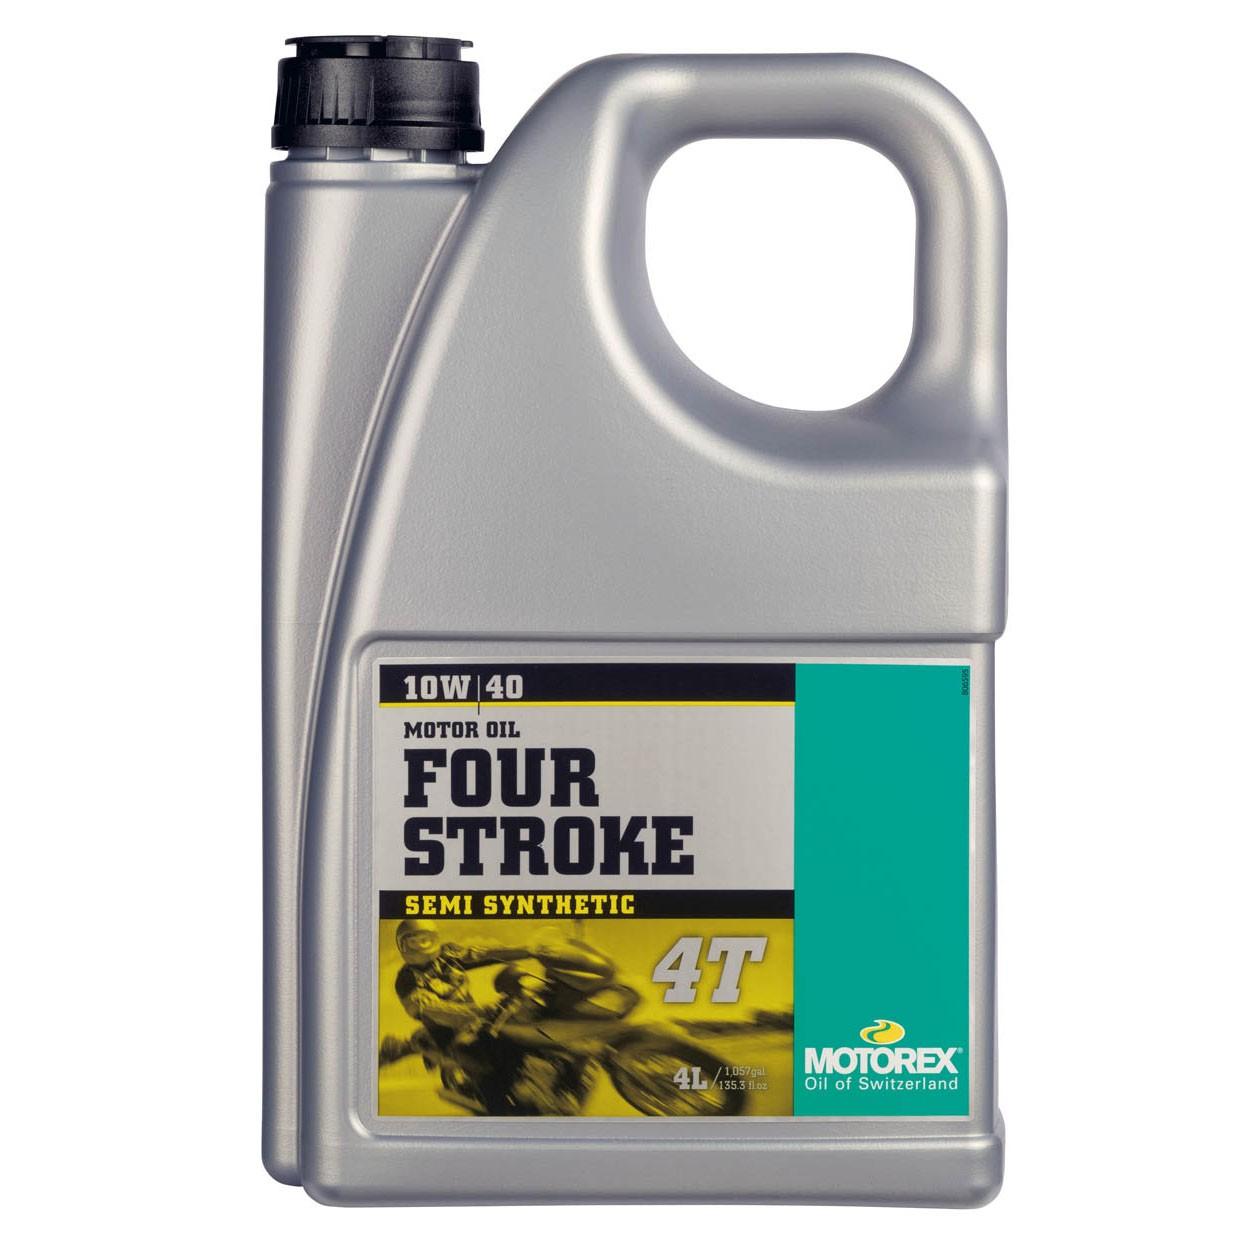 Motorex 10W40 Half Synthetisch Olie 4liter